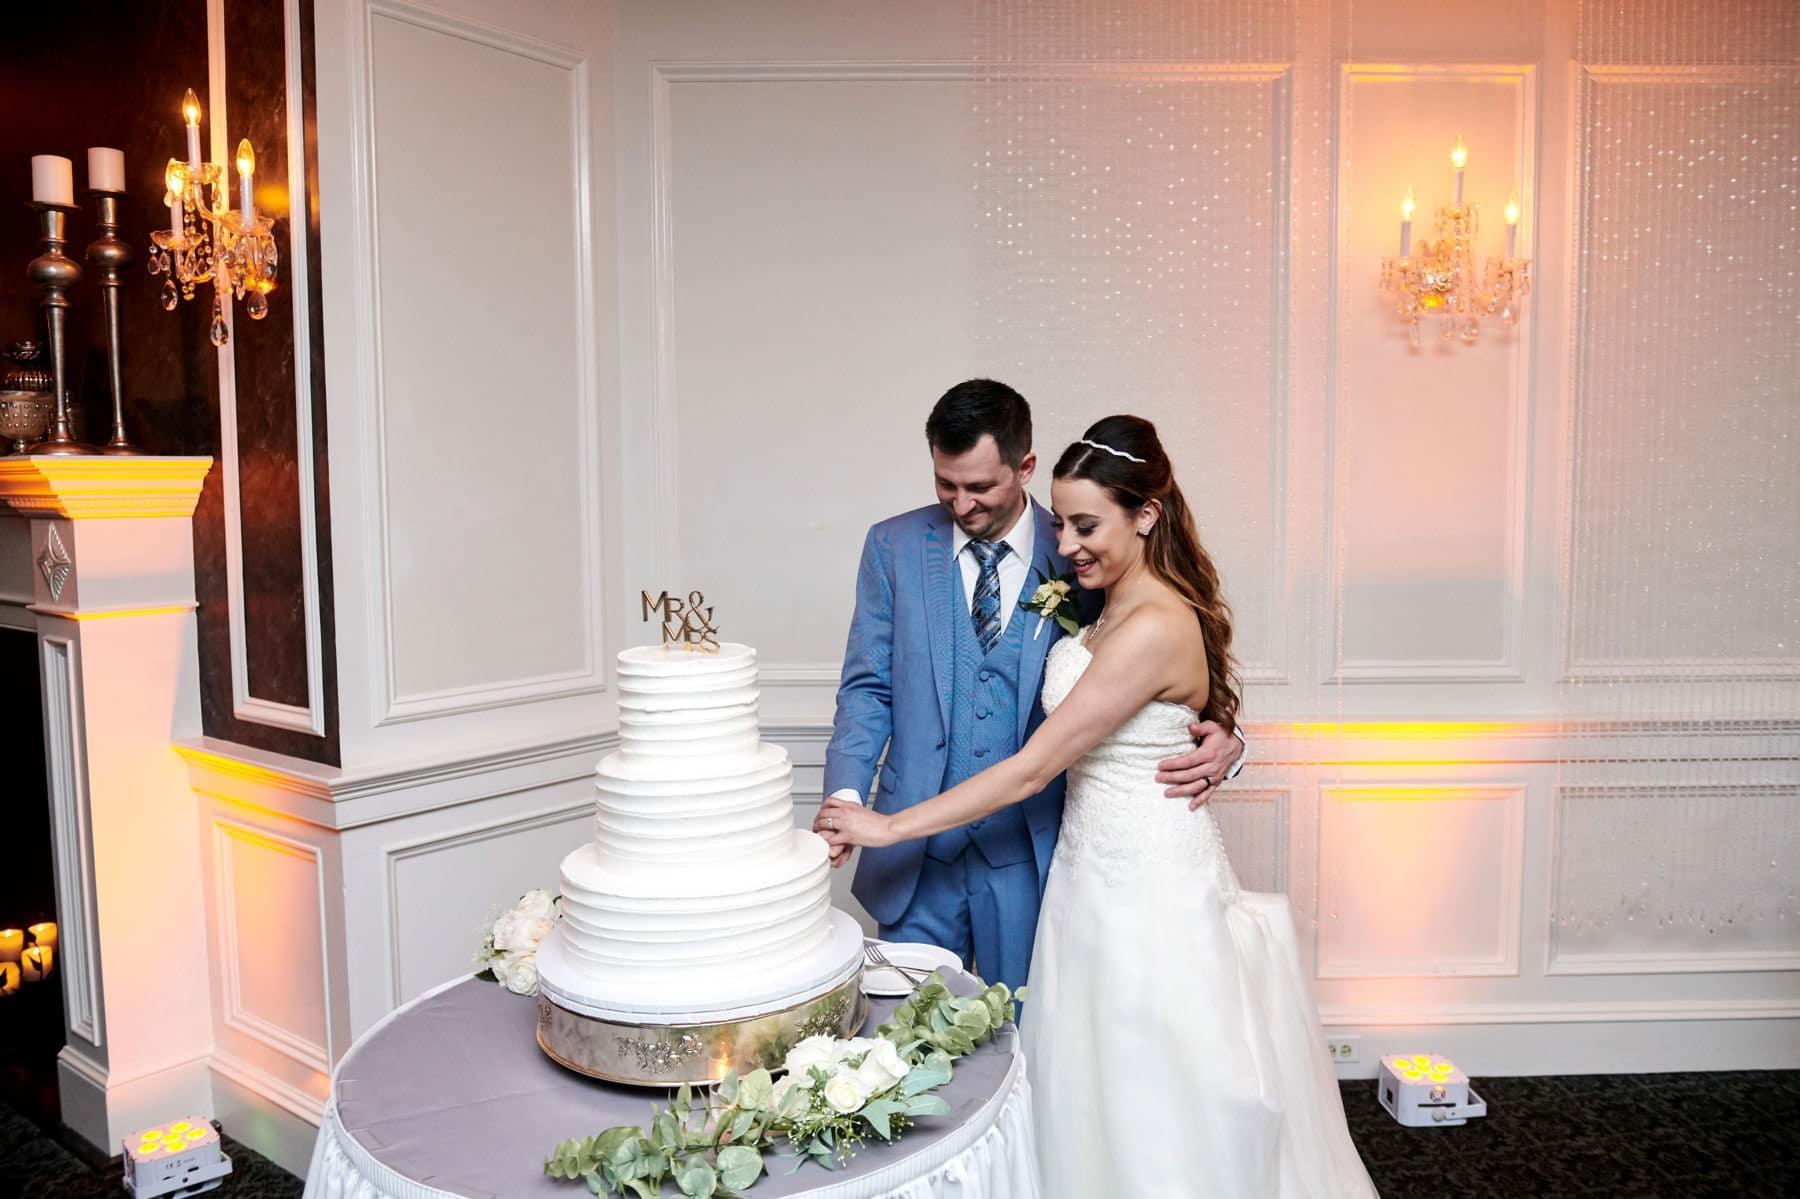 wedding cake cutting photo at basking ridge country club